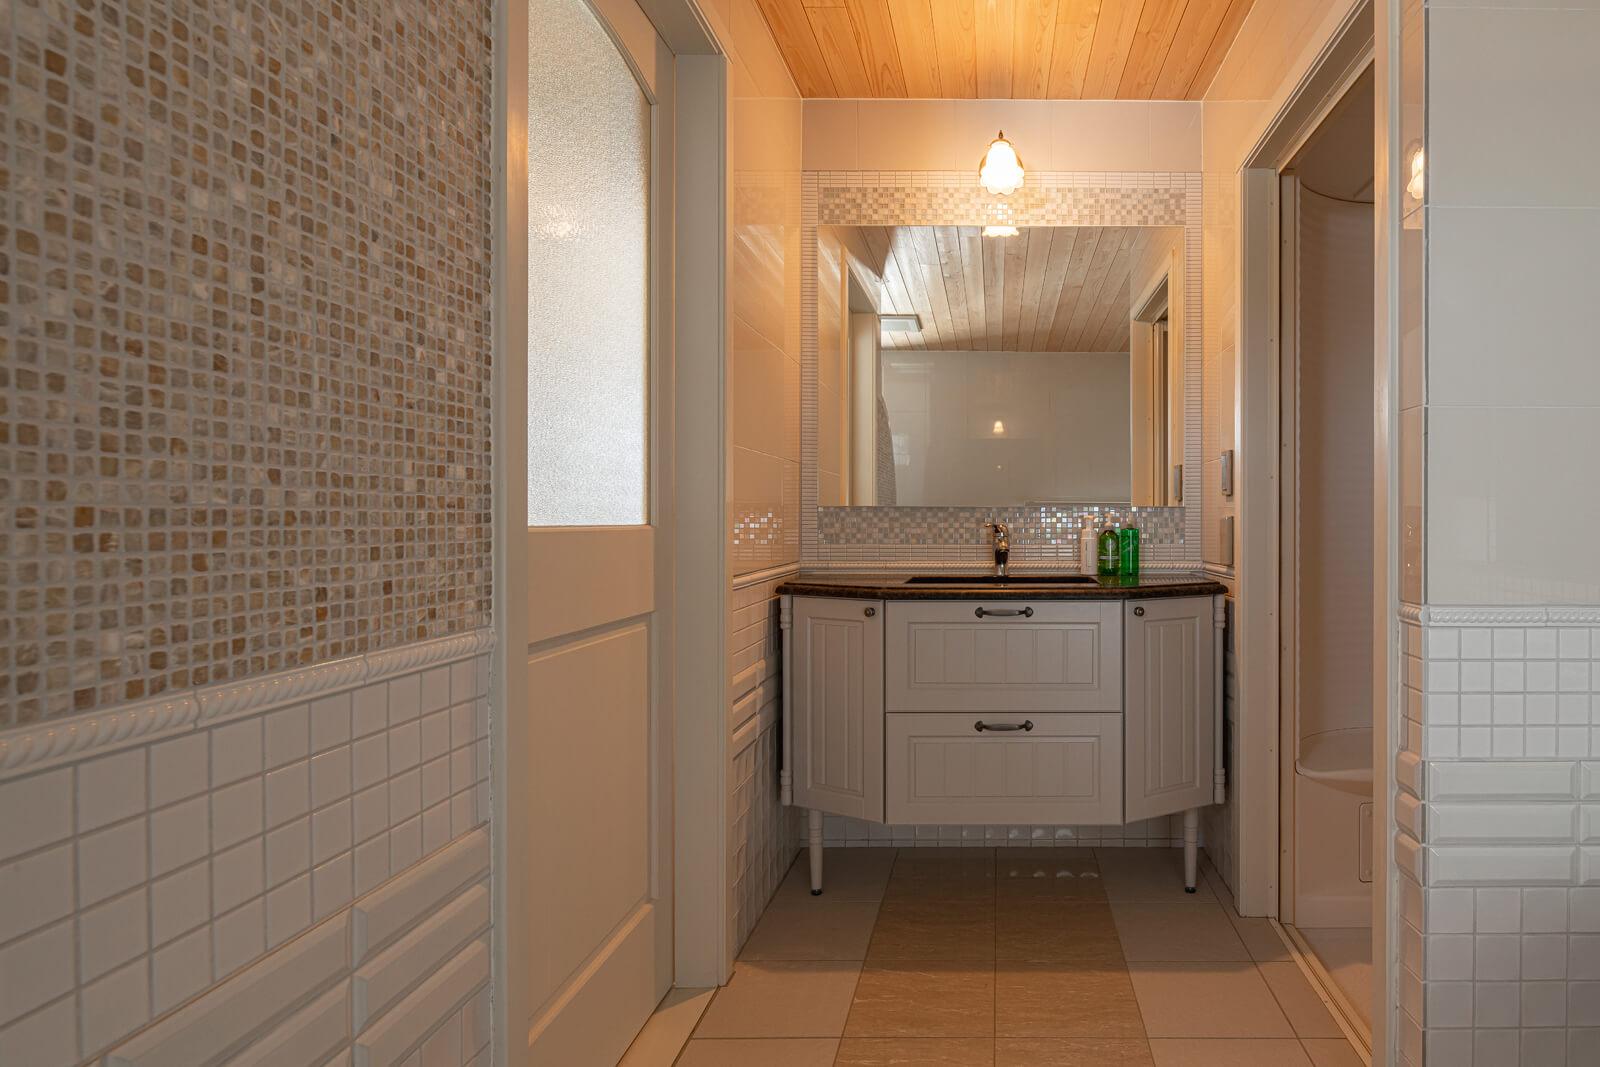 バスルームの入り口には、大理石を配した造作洗面台がある。右手は、シャワールーム。ゆったりと設えた水まわりは暮らしにも潤いを与えて